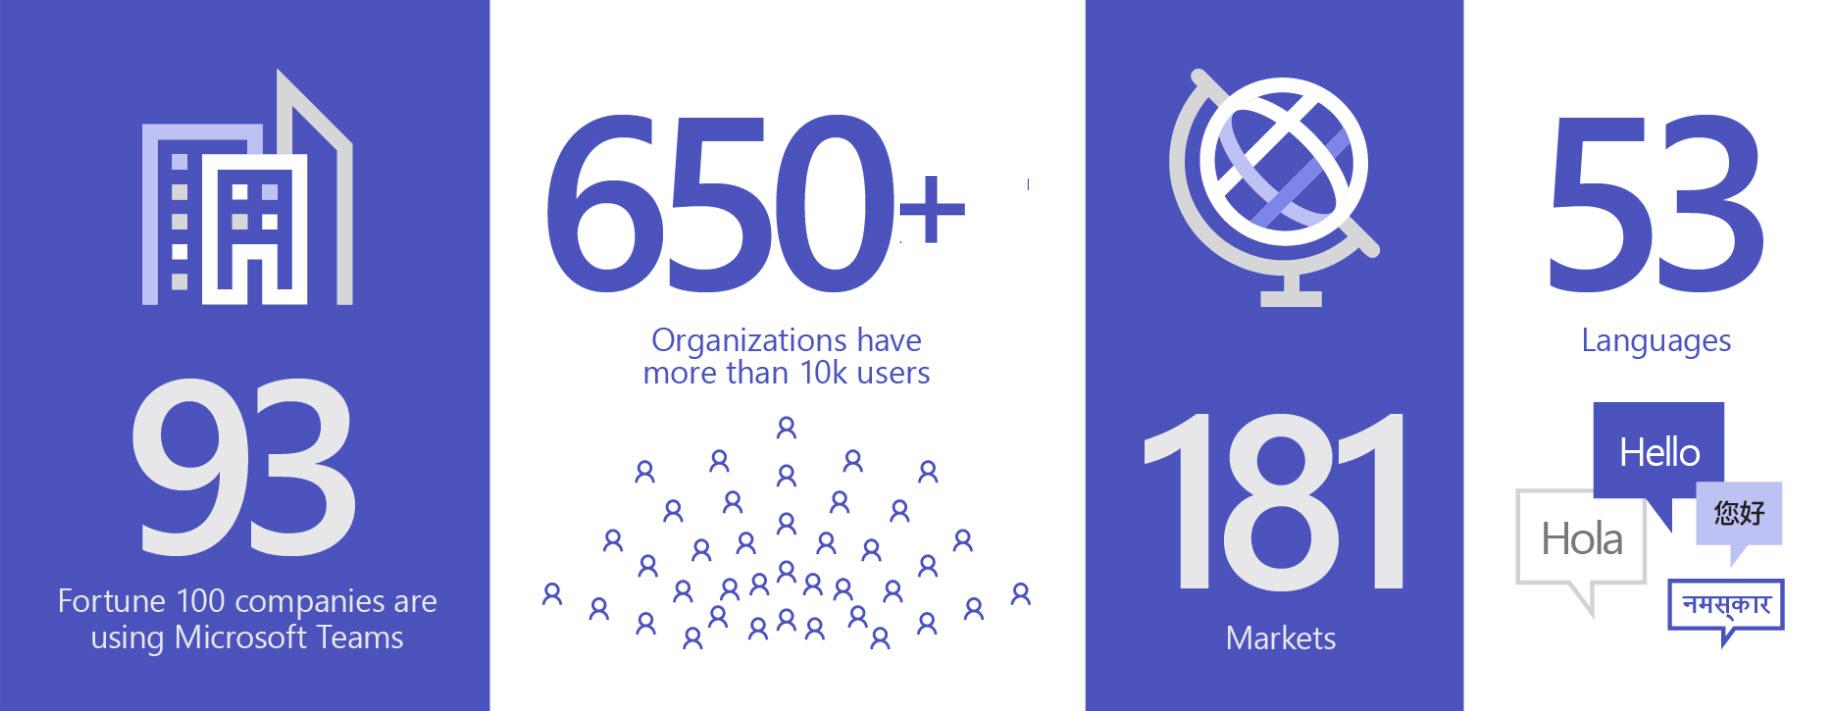 93 の組織が Teams を使用しており、ユーザー数 1 万人を超える組織の数は 650 を超え、市場の数は 181、言語の数は 53 であることを示す画像。